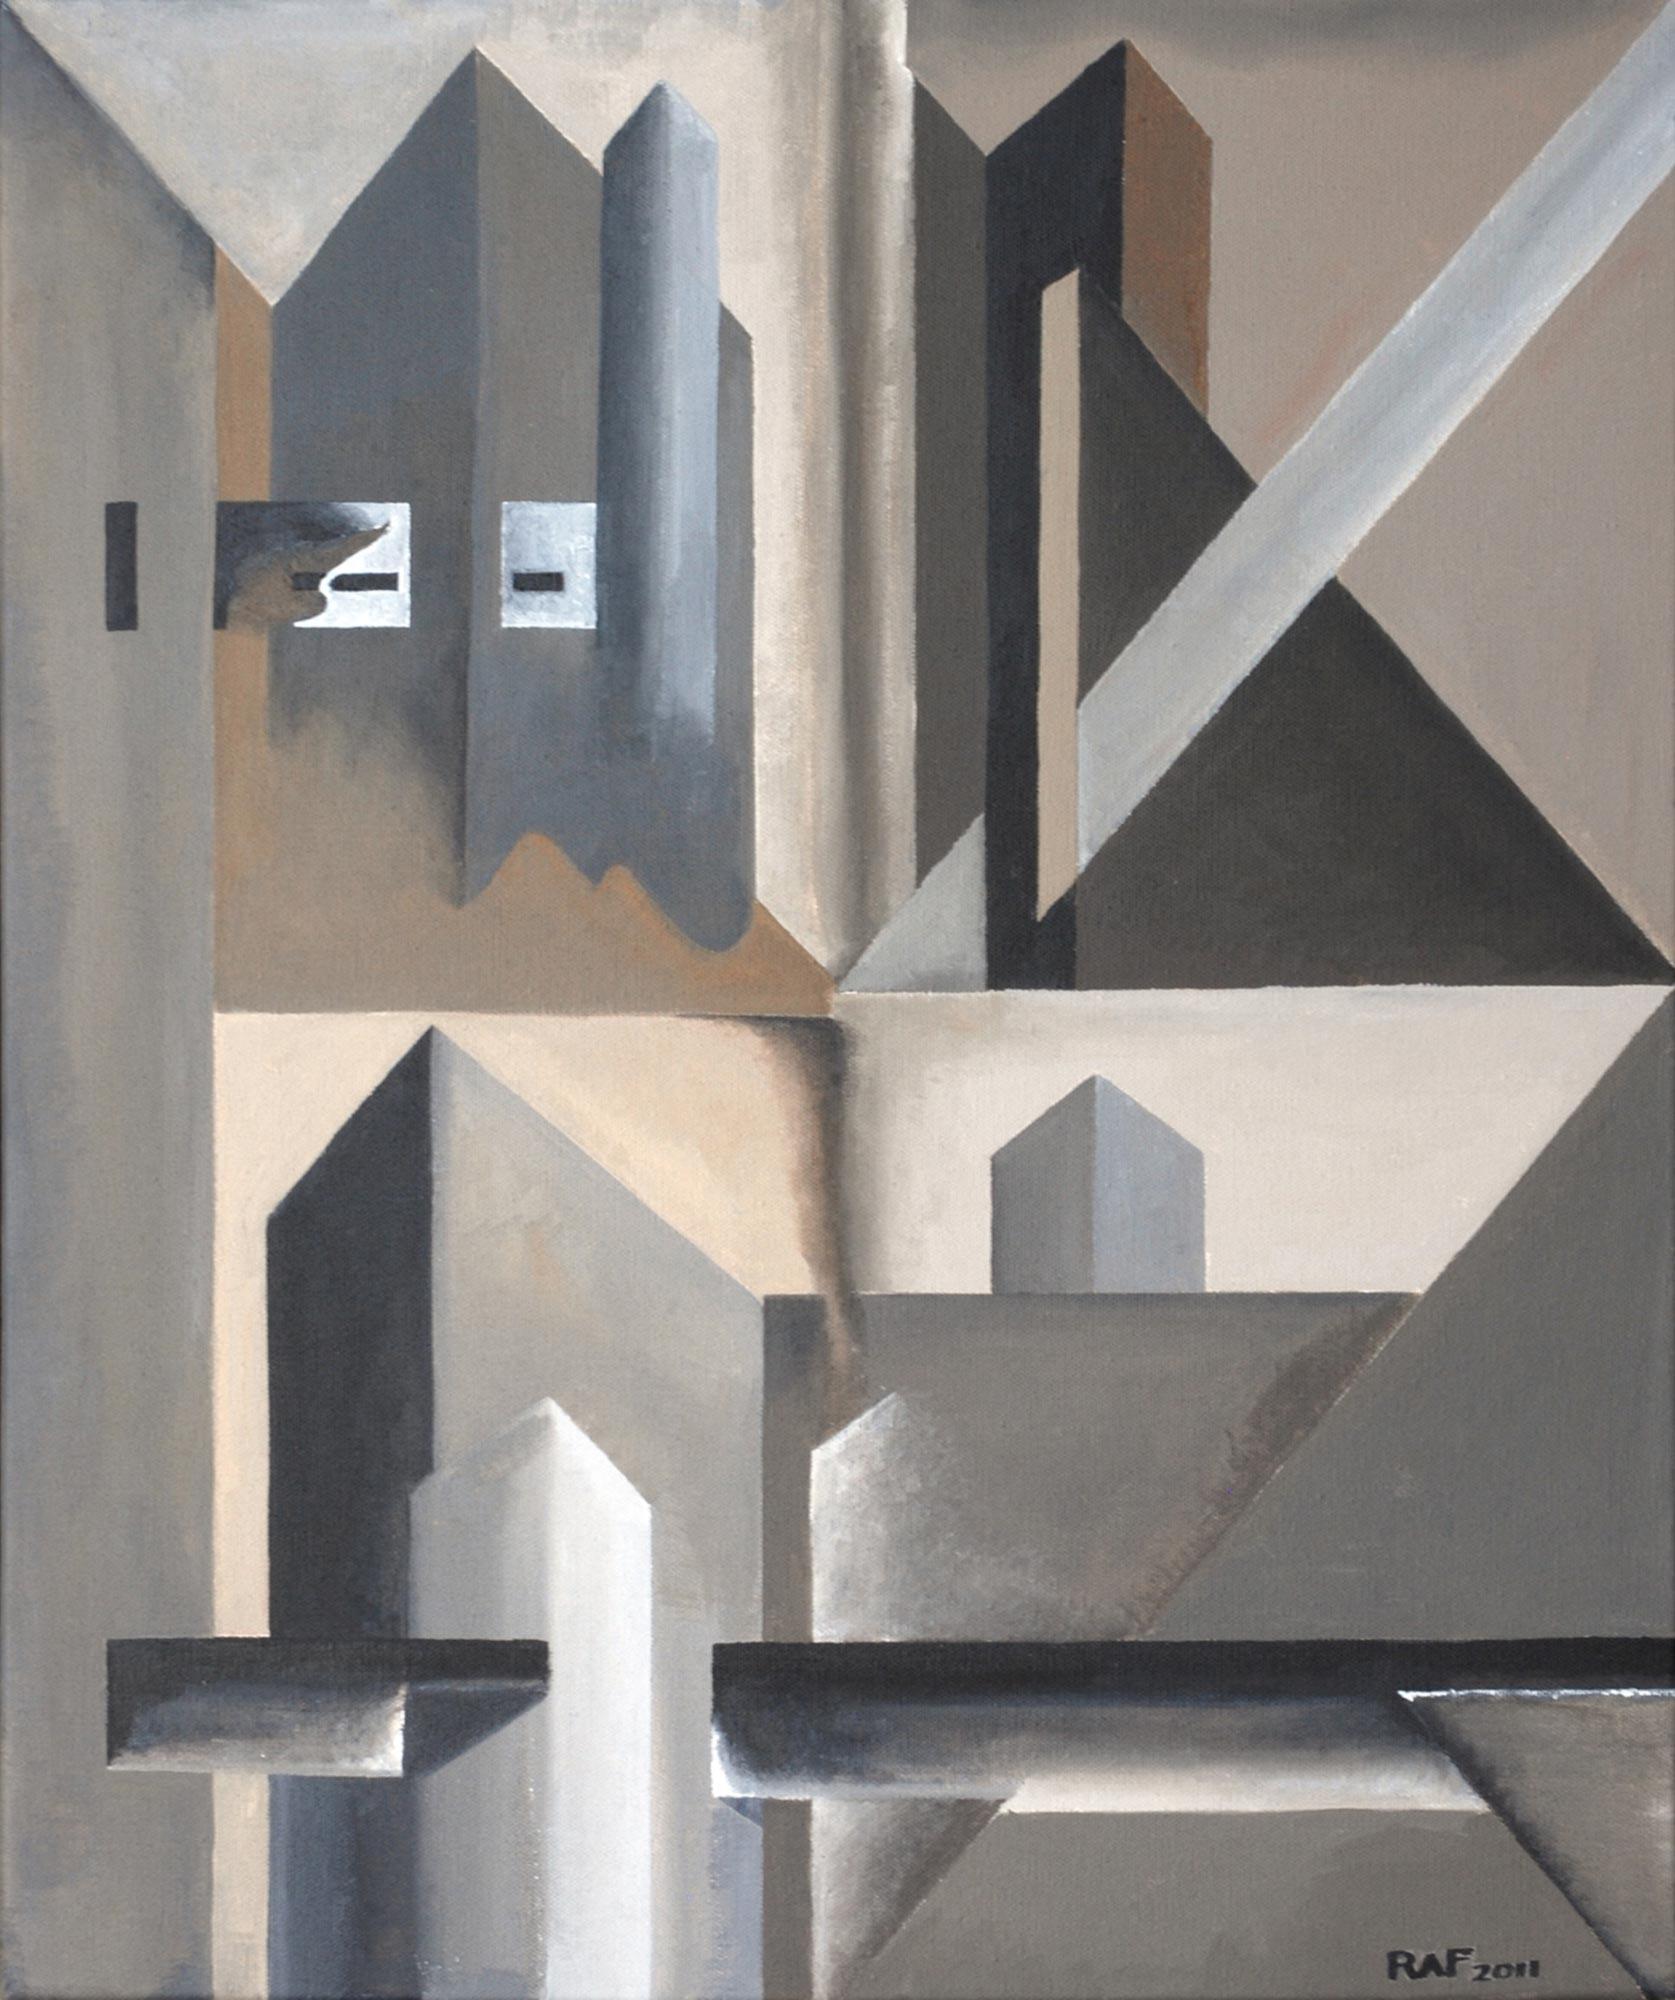 Usines, peinture acrylique sur toile, 2011, peinture acrylique sur carton, 46x55 cm